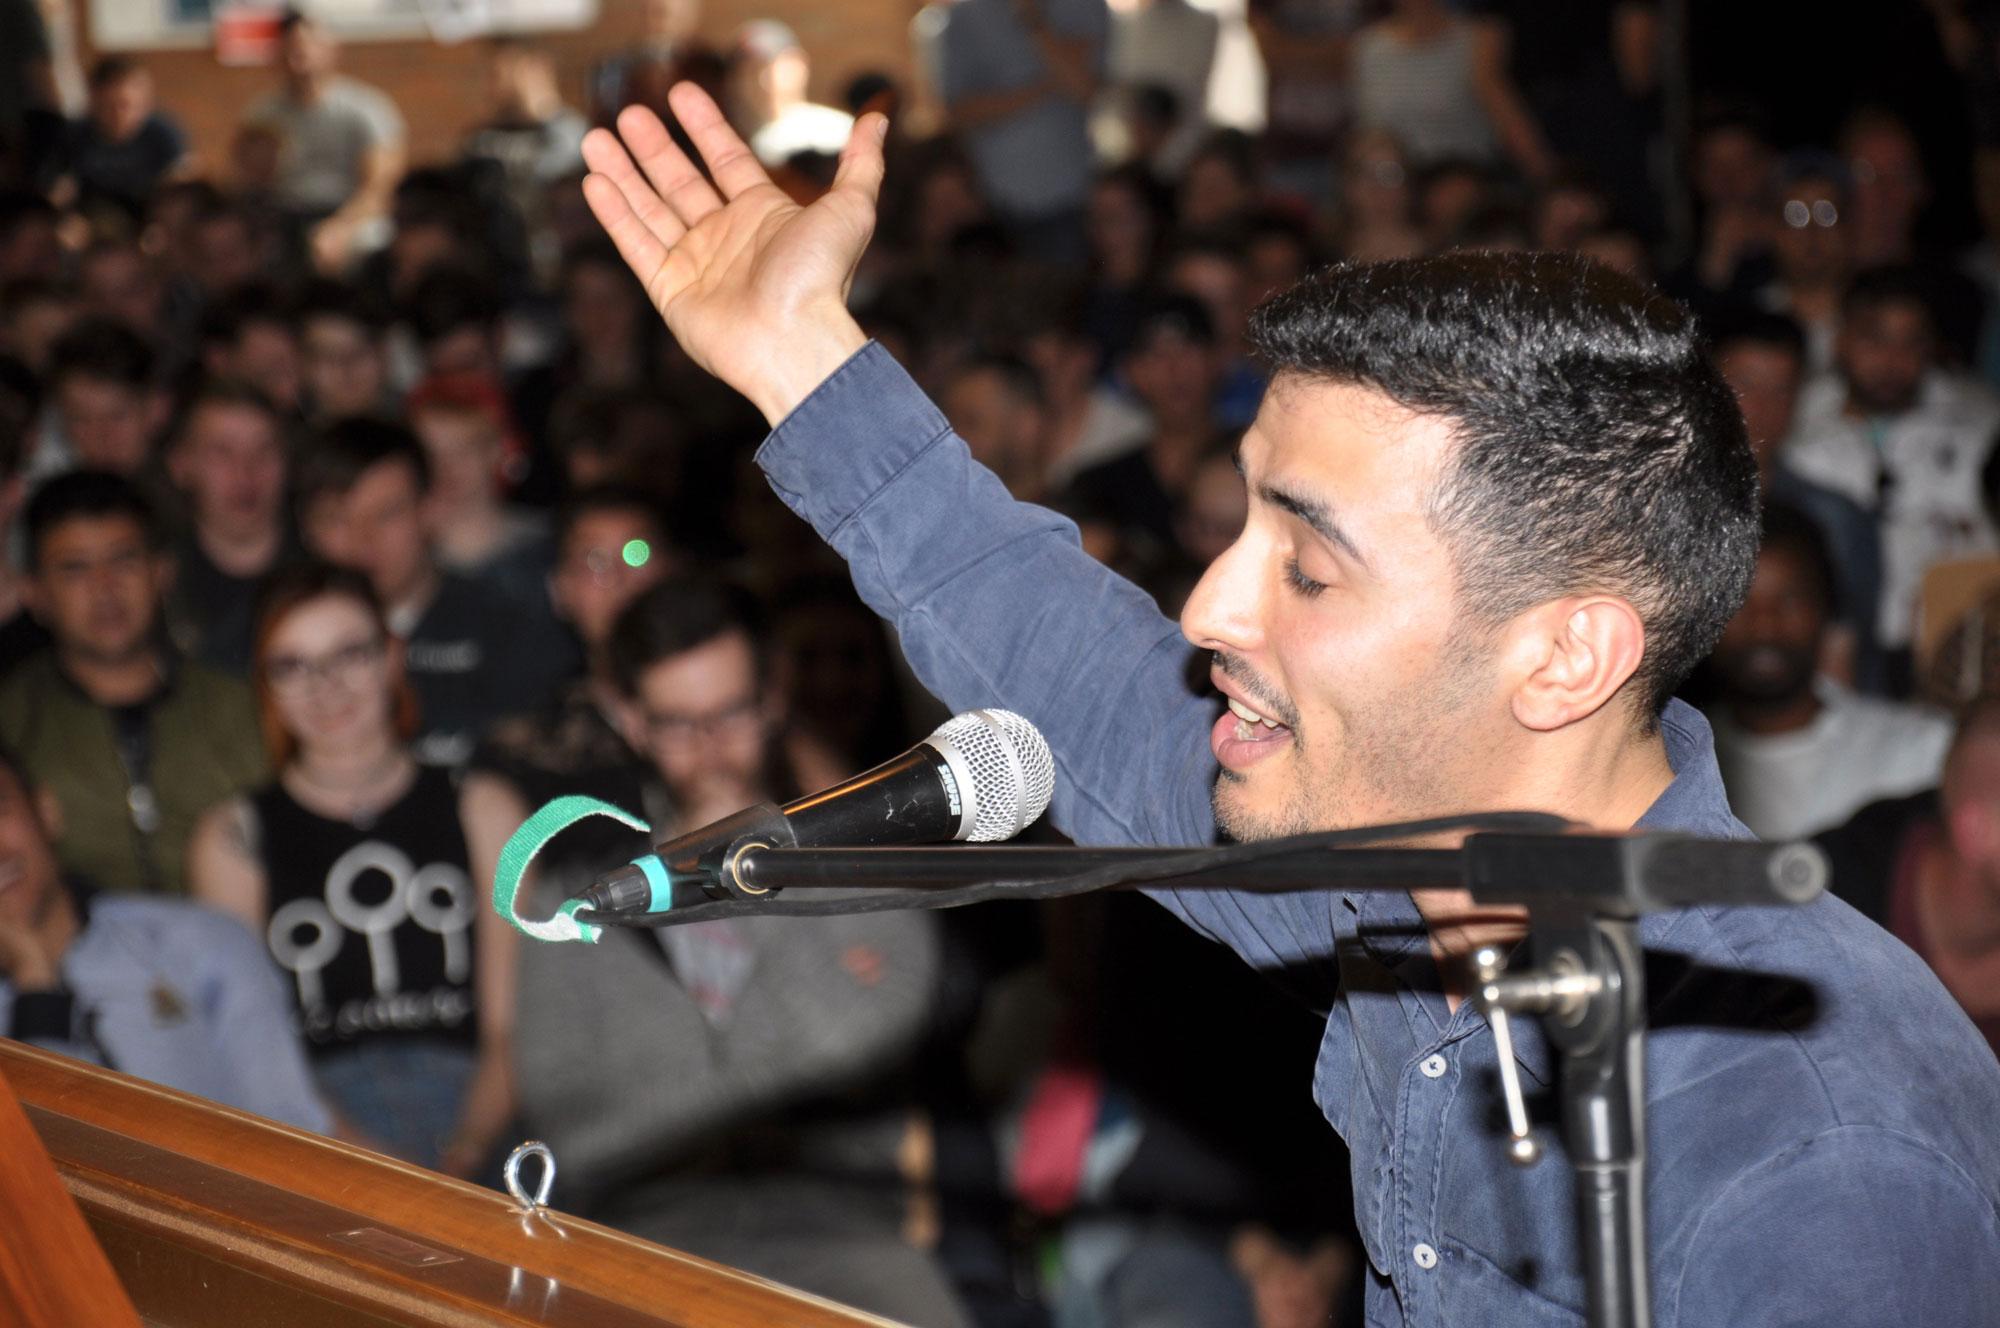 Aeham Ahmad im Konzert am Flügel in der Axel-Bruns-Schule; Foto: Lutz Meine, 2018